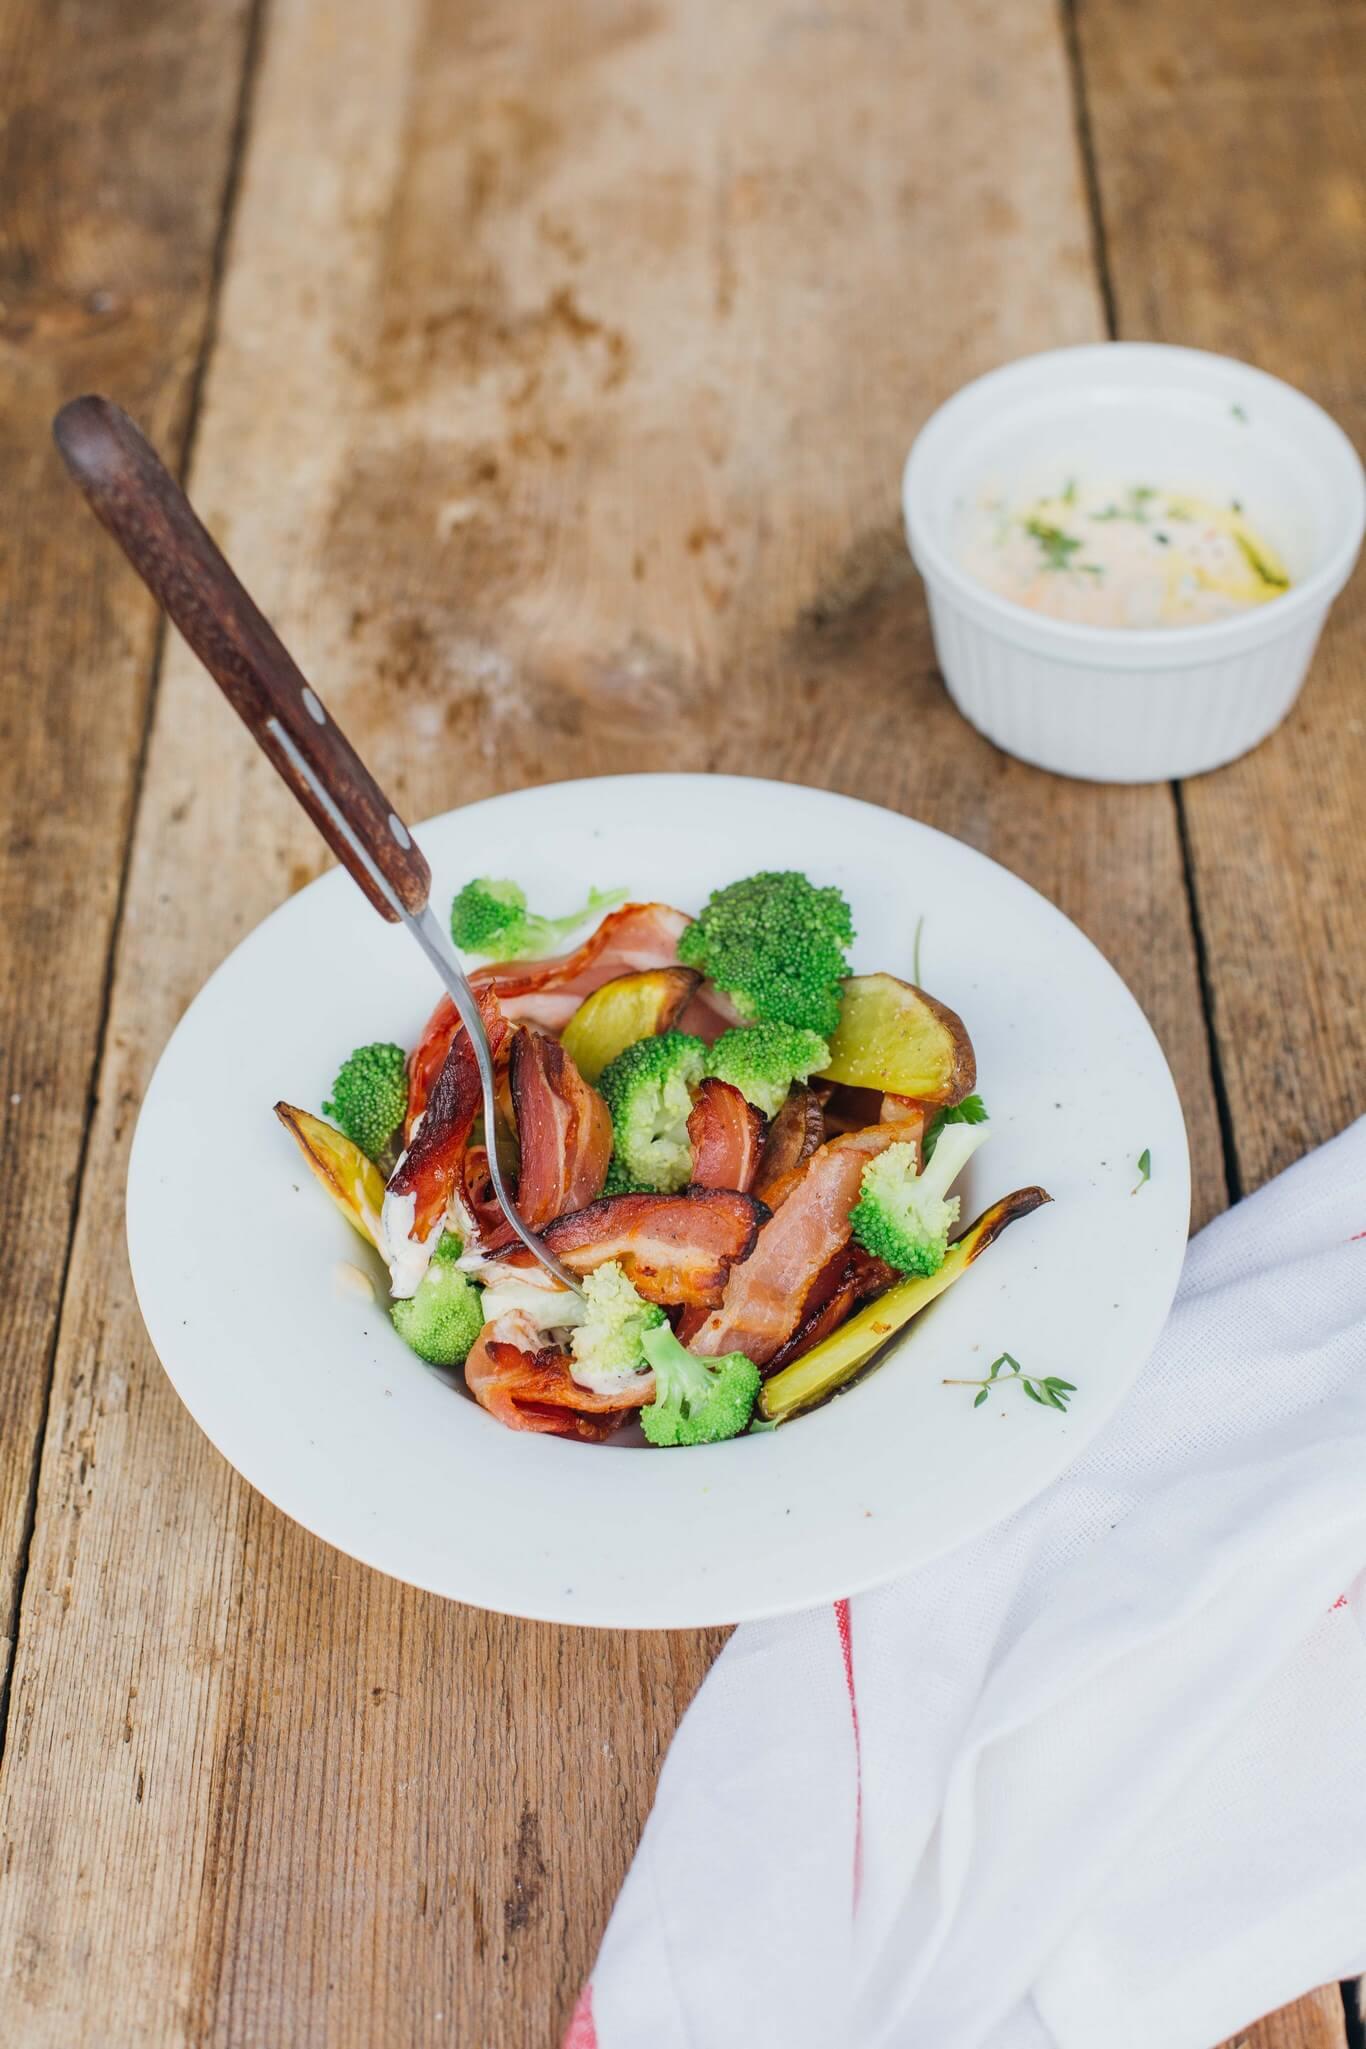 przepis na kolacje salatka ziemniaczana z boczkiem i natka pietruszki4